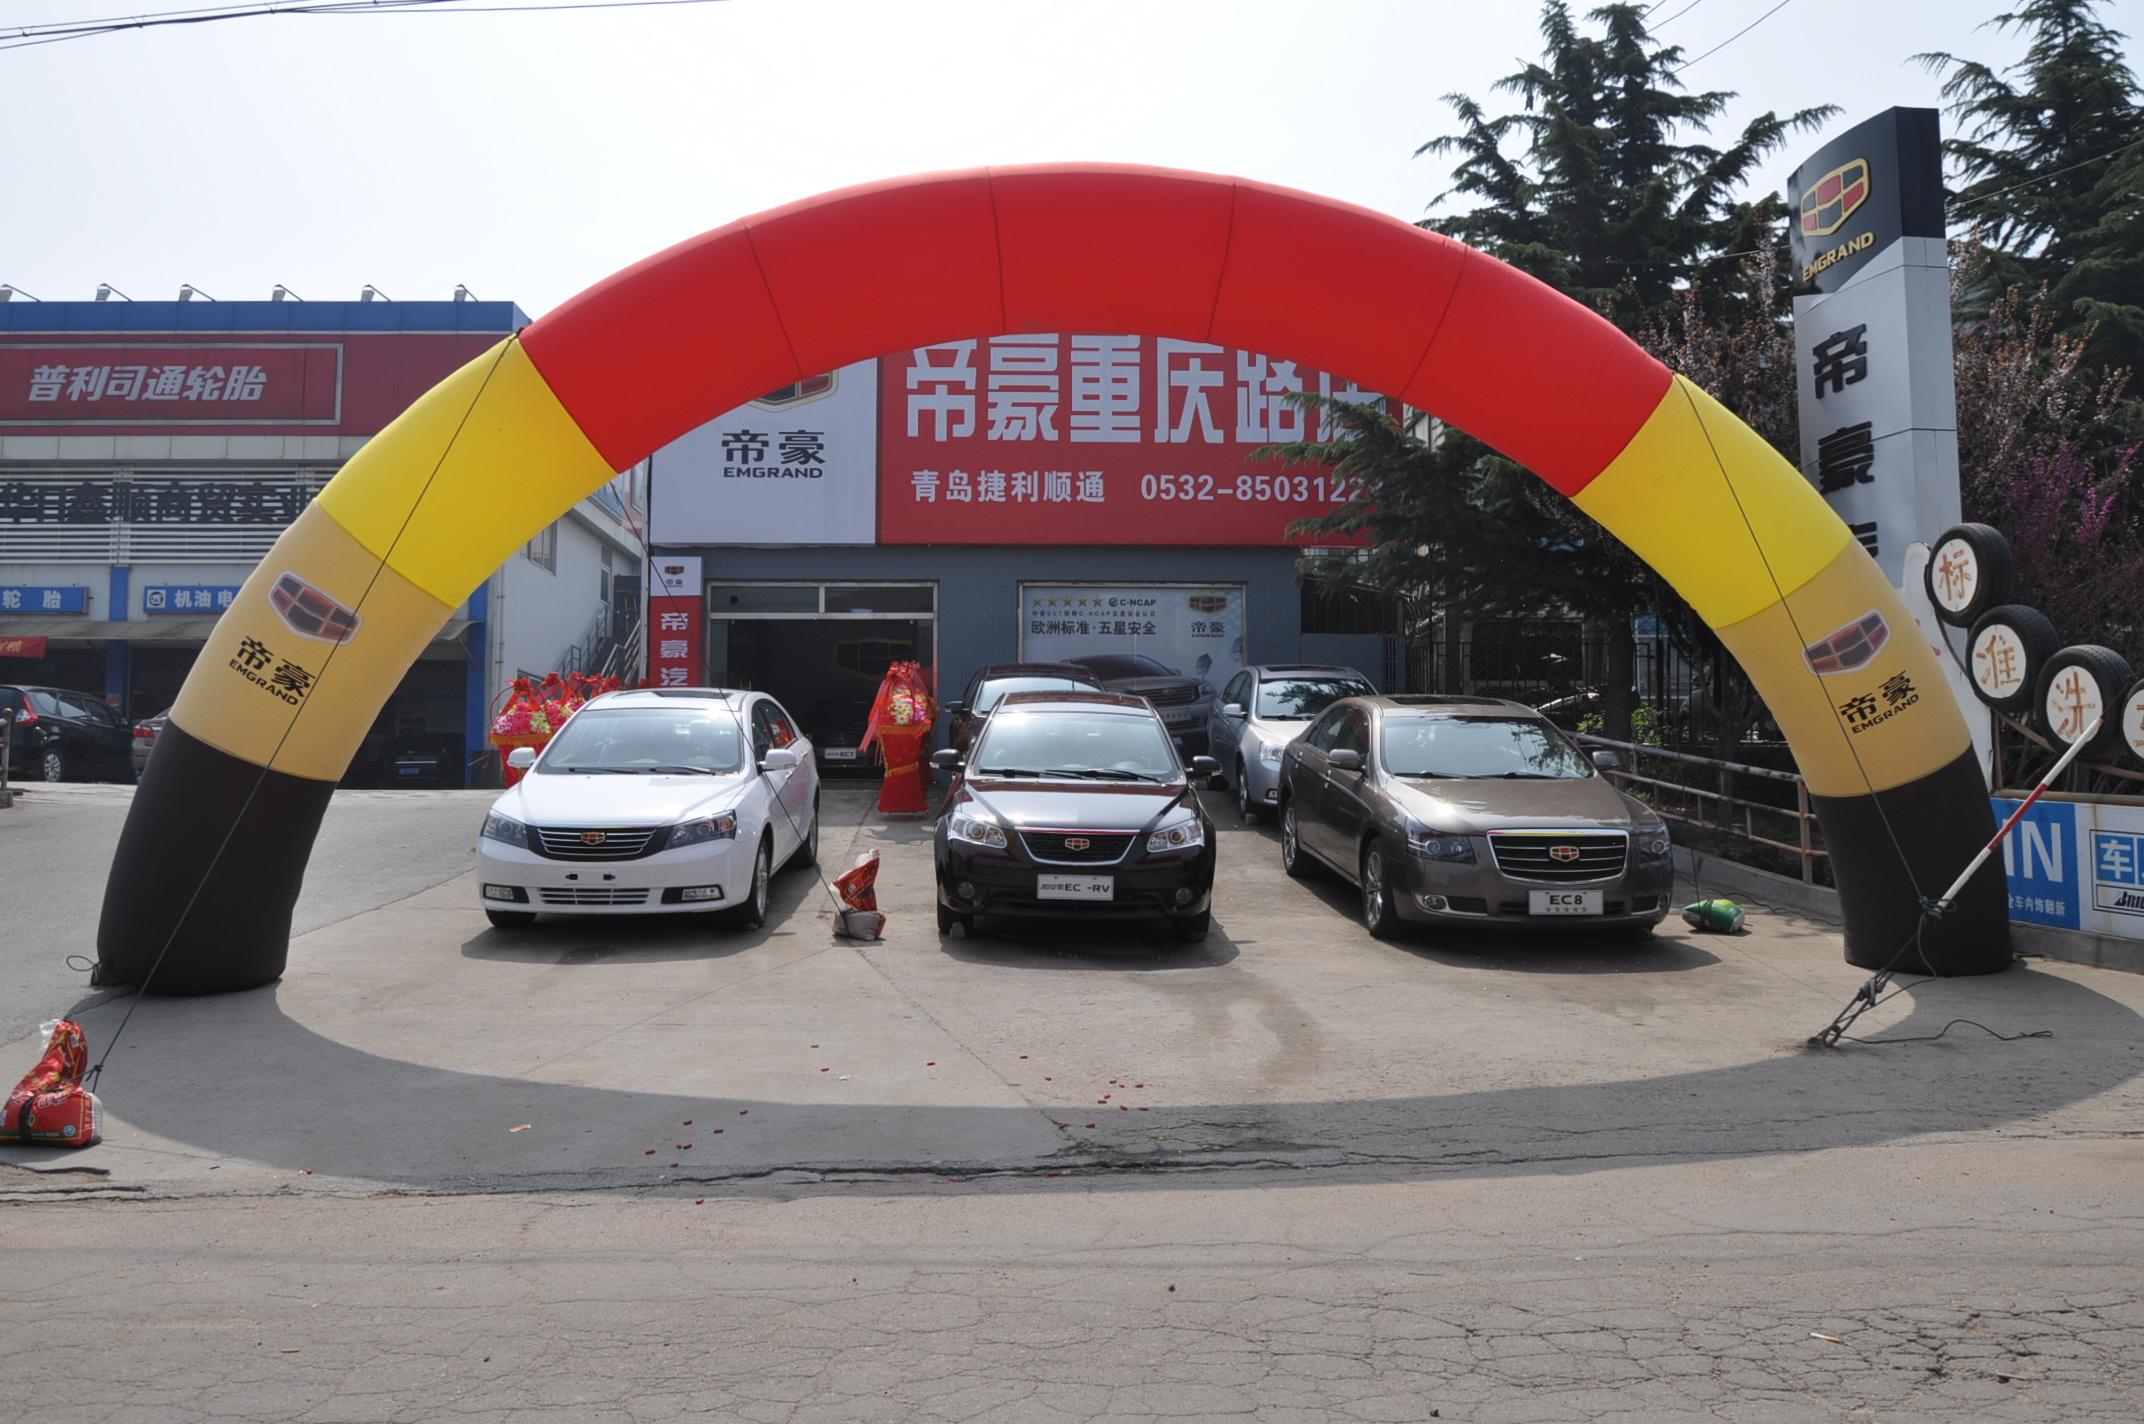 青岛捷利顺通 吉利帝豪重庆路4s店开业